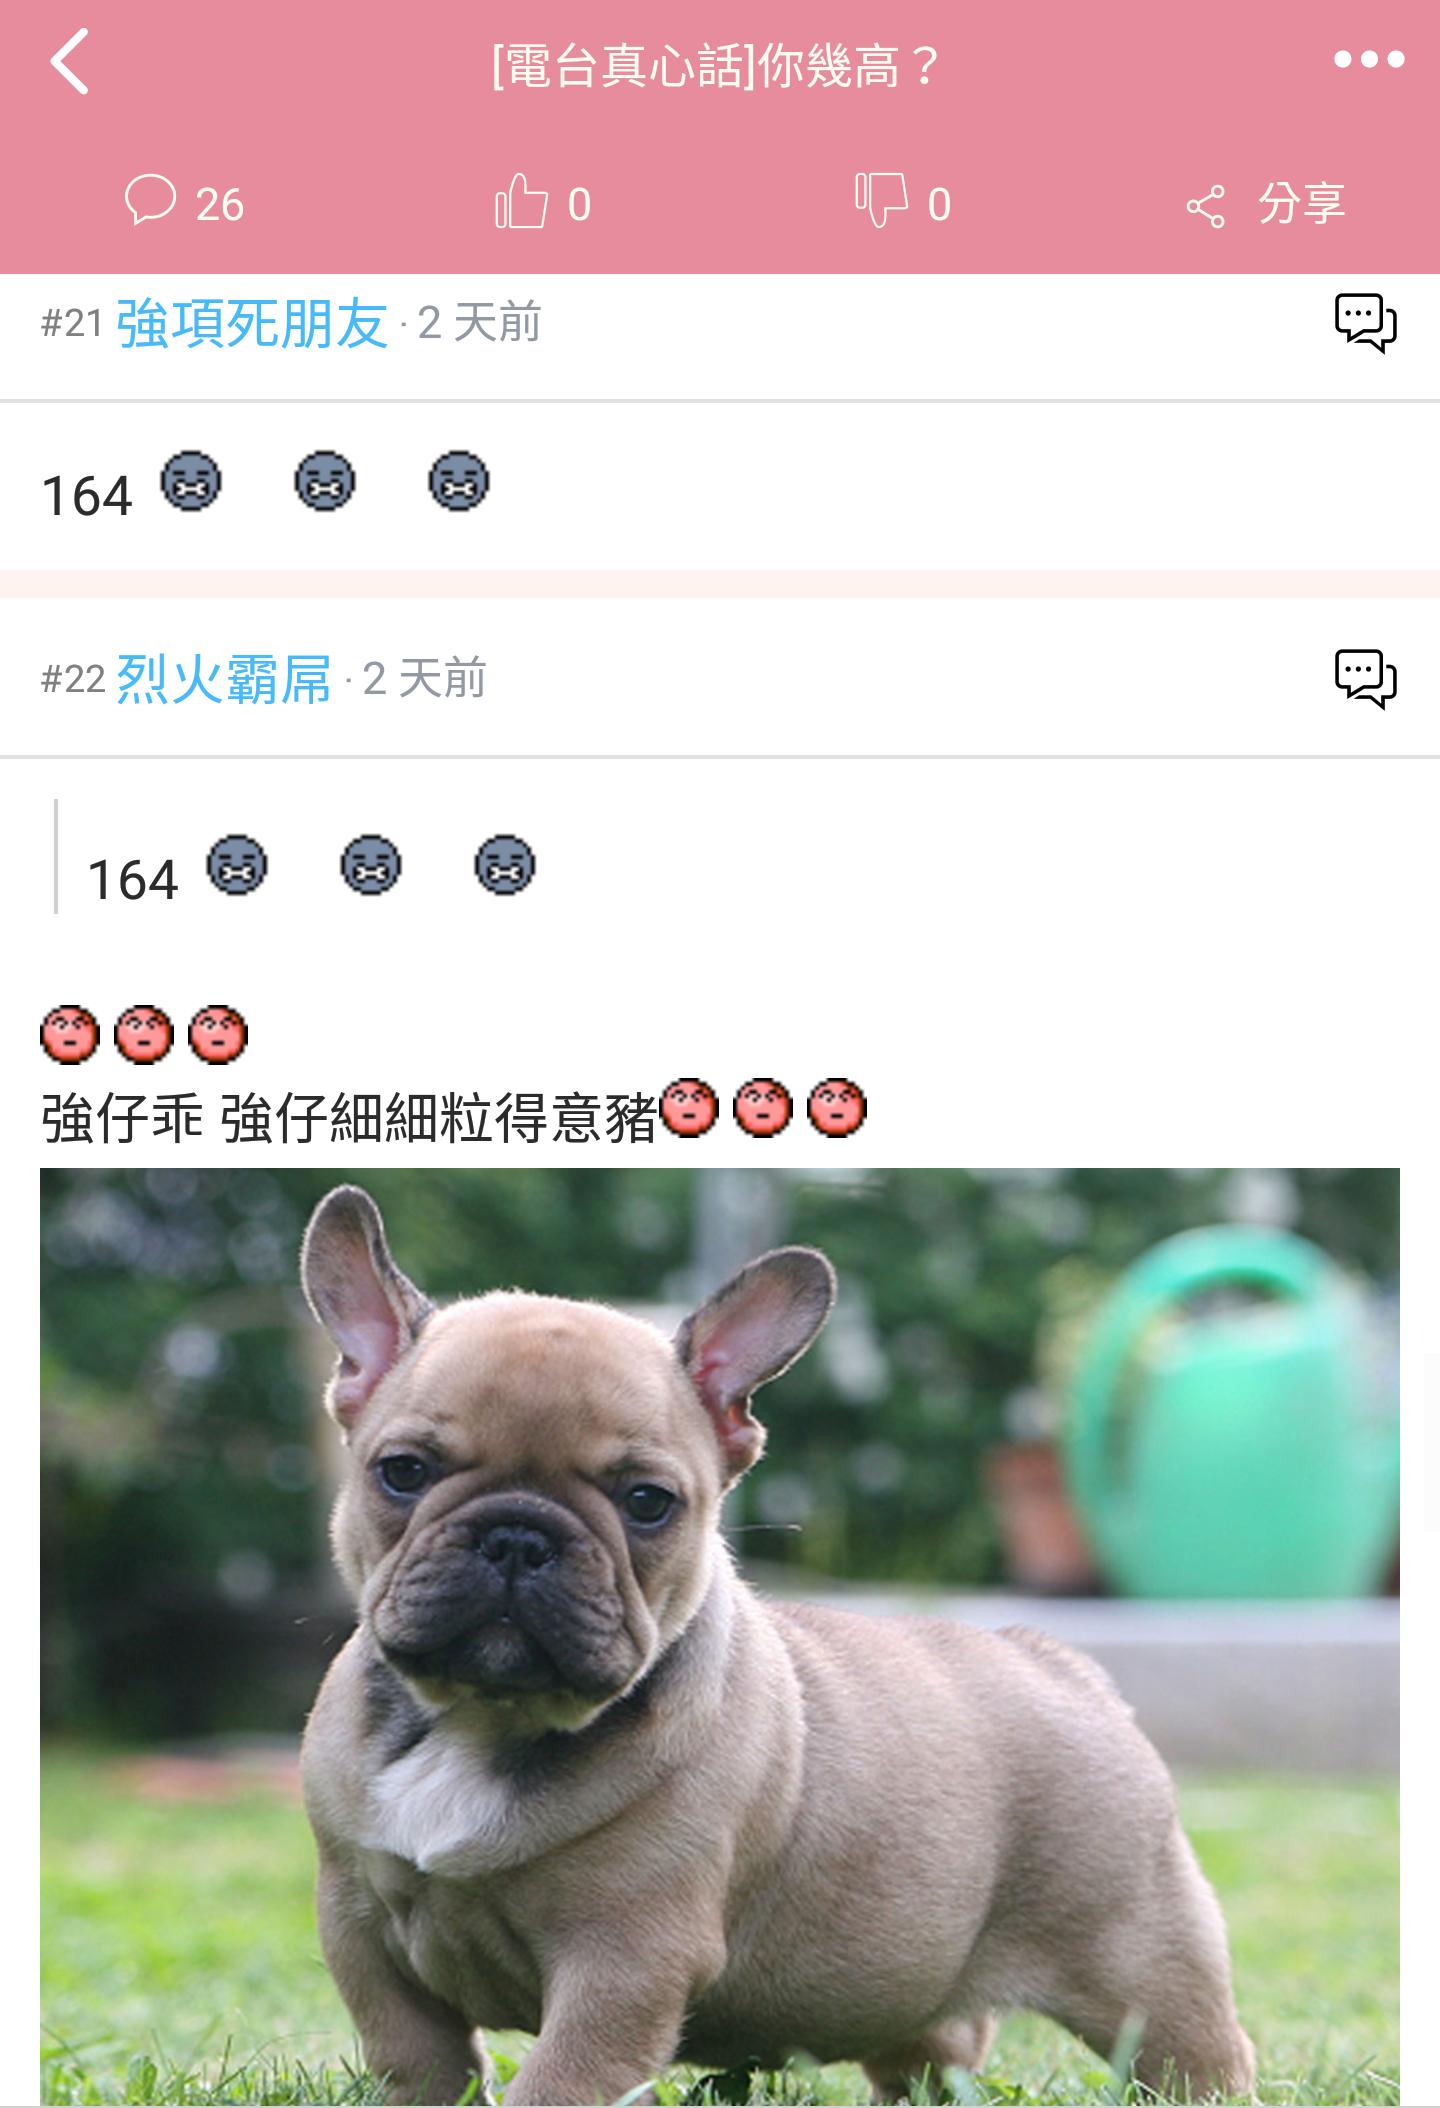 [img]https://upload.cc/i1/2018/05/12/8XlGHT.png[/img]